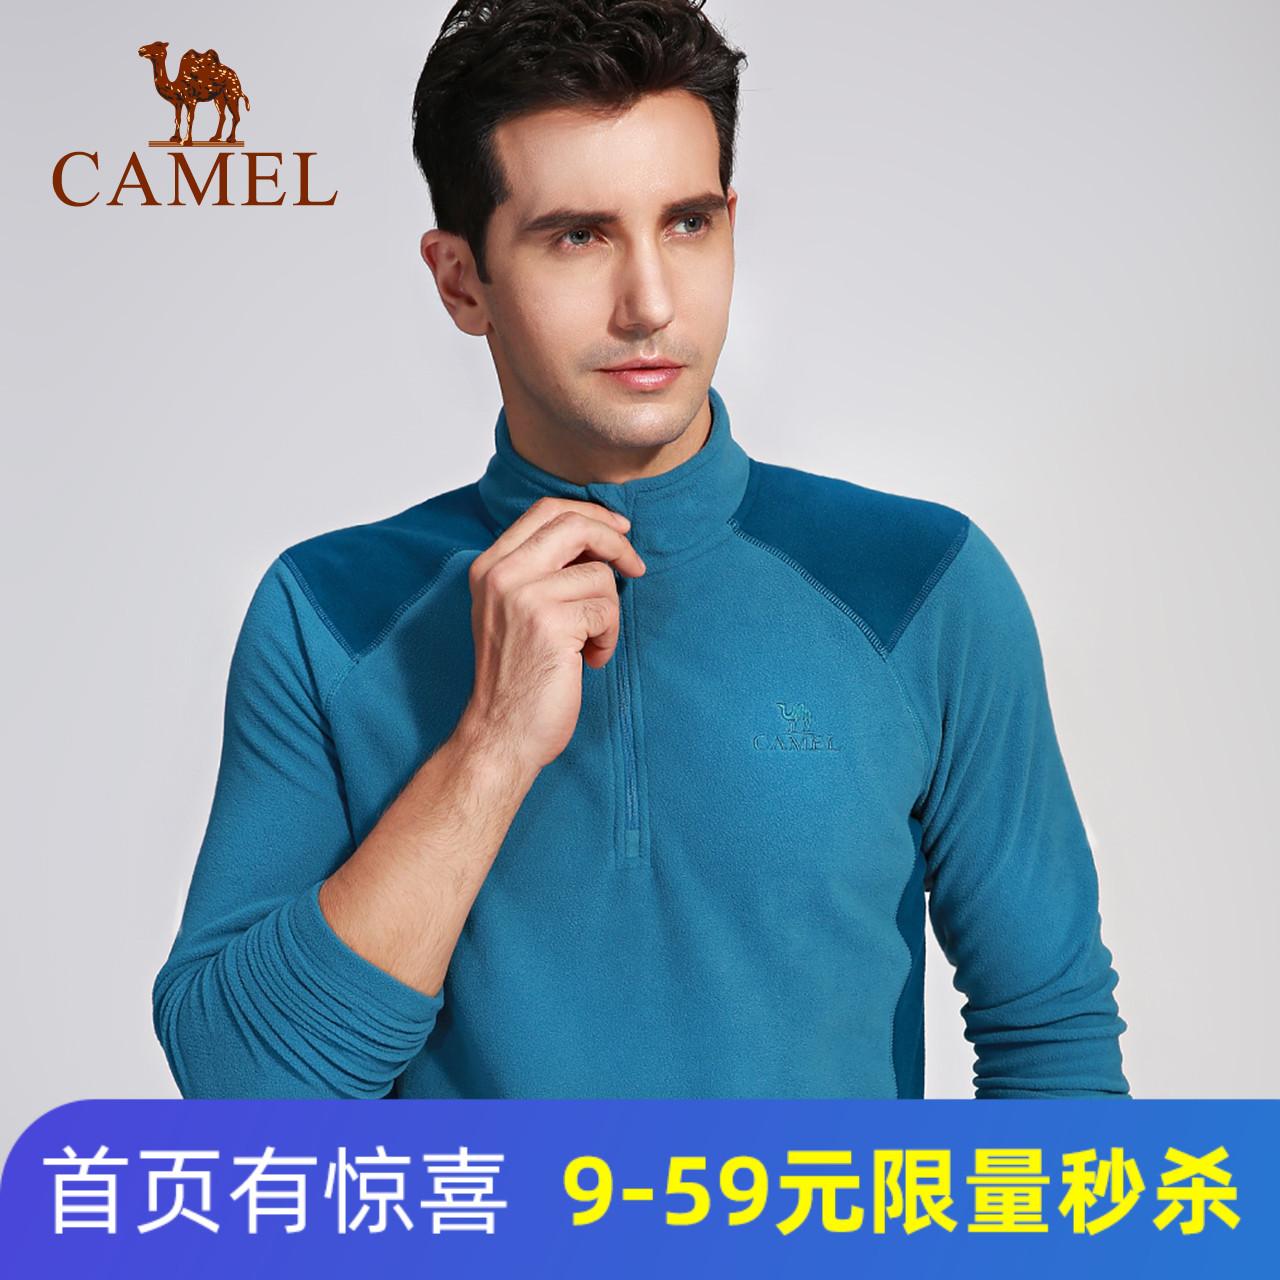 骆驼户外男款抓绒衣 蓬松柔软保暖半开胸男抓绒衣